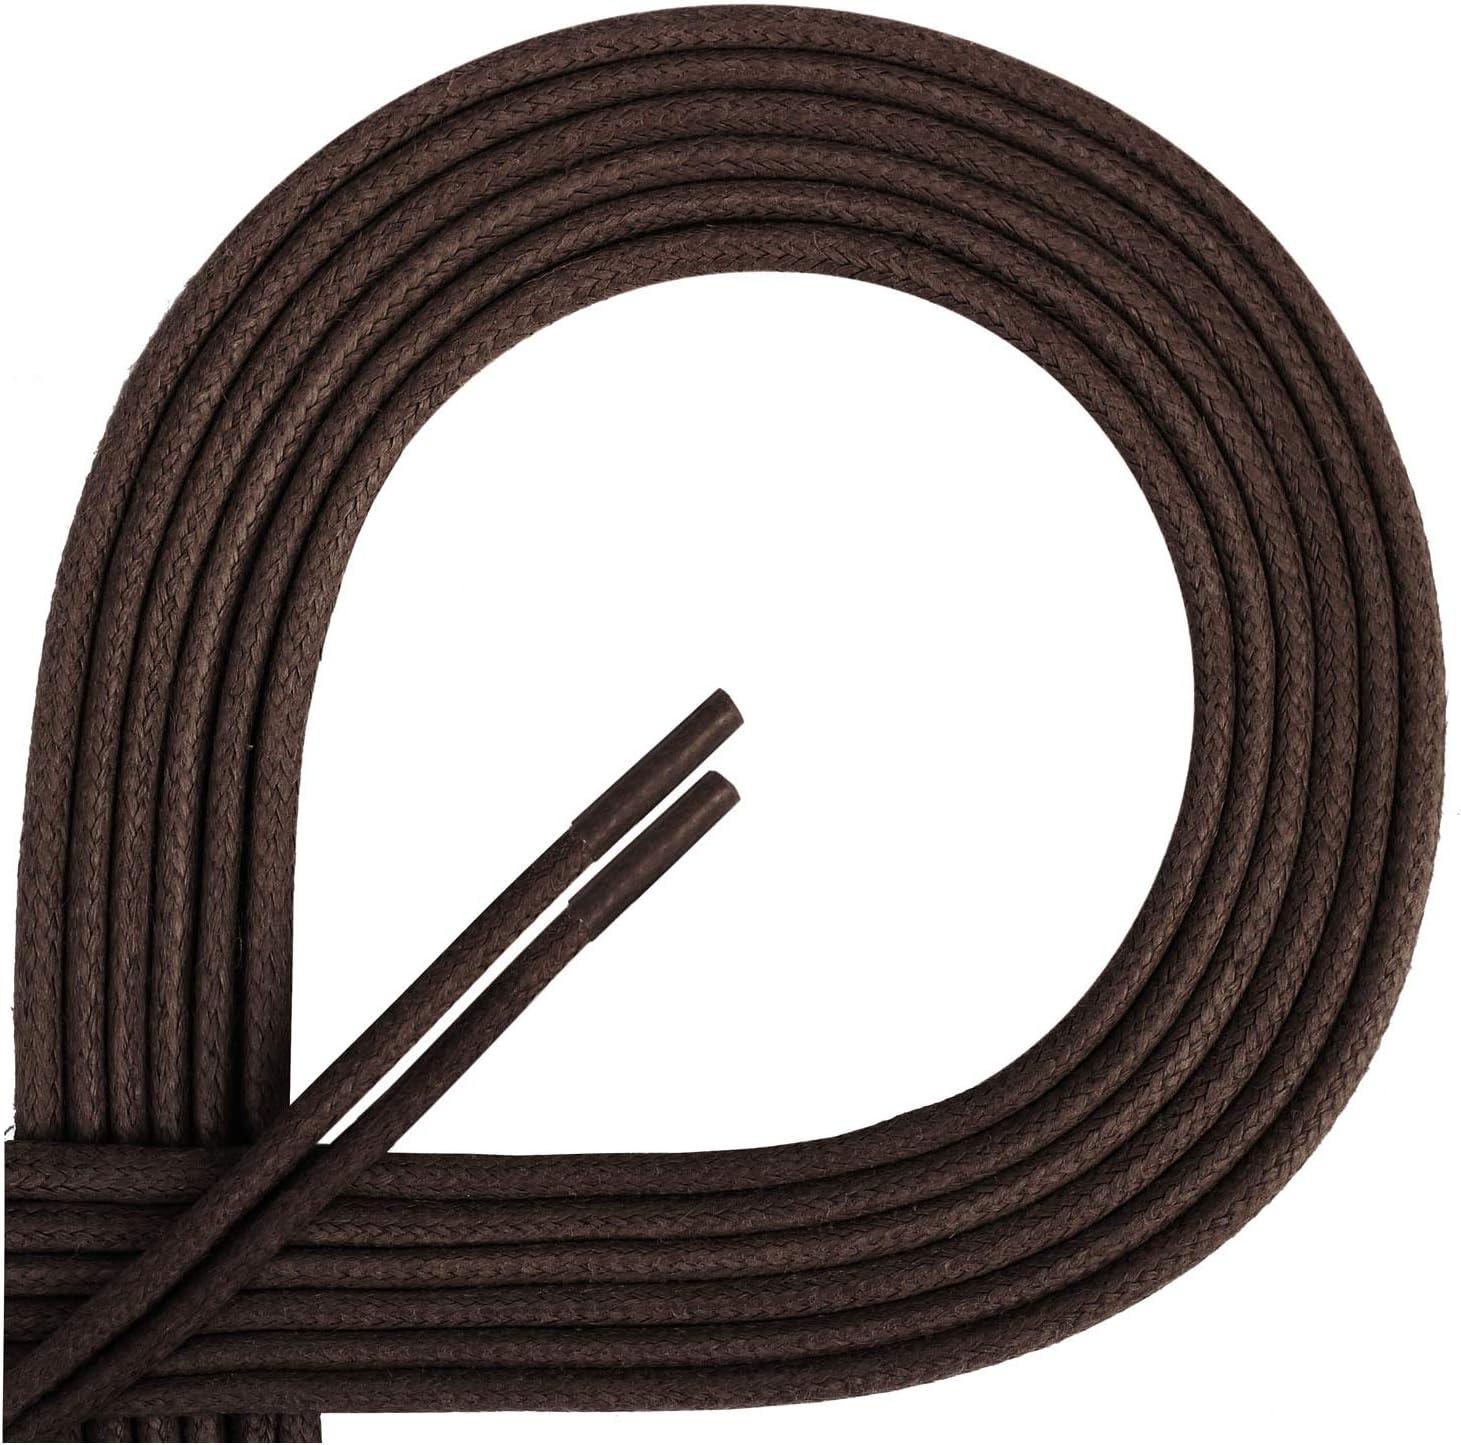 Di Ficchiano Lacets cir/é ronds premium /Ø 2 3/mm longueur 45 ind/échirable 120/cm